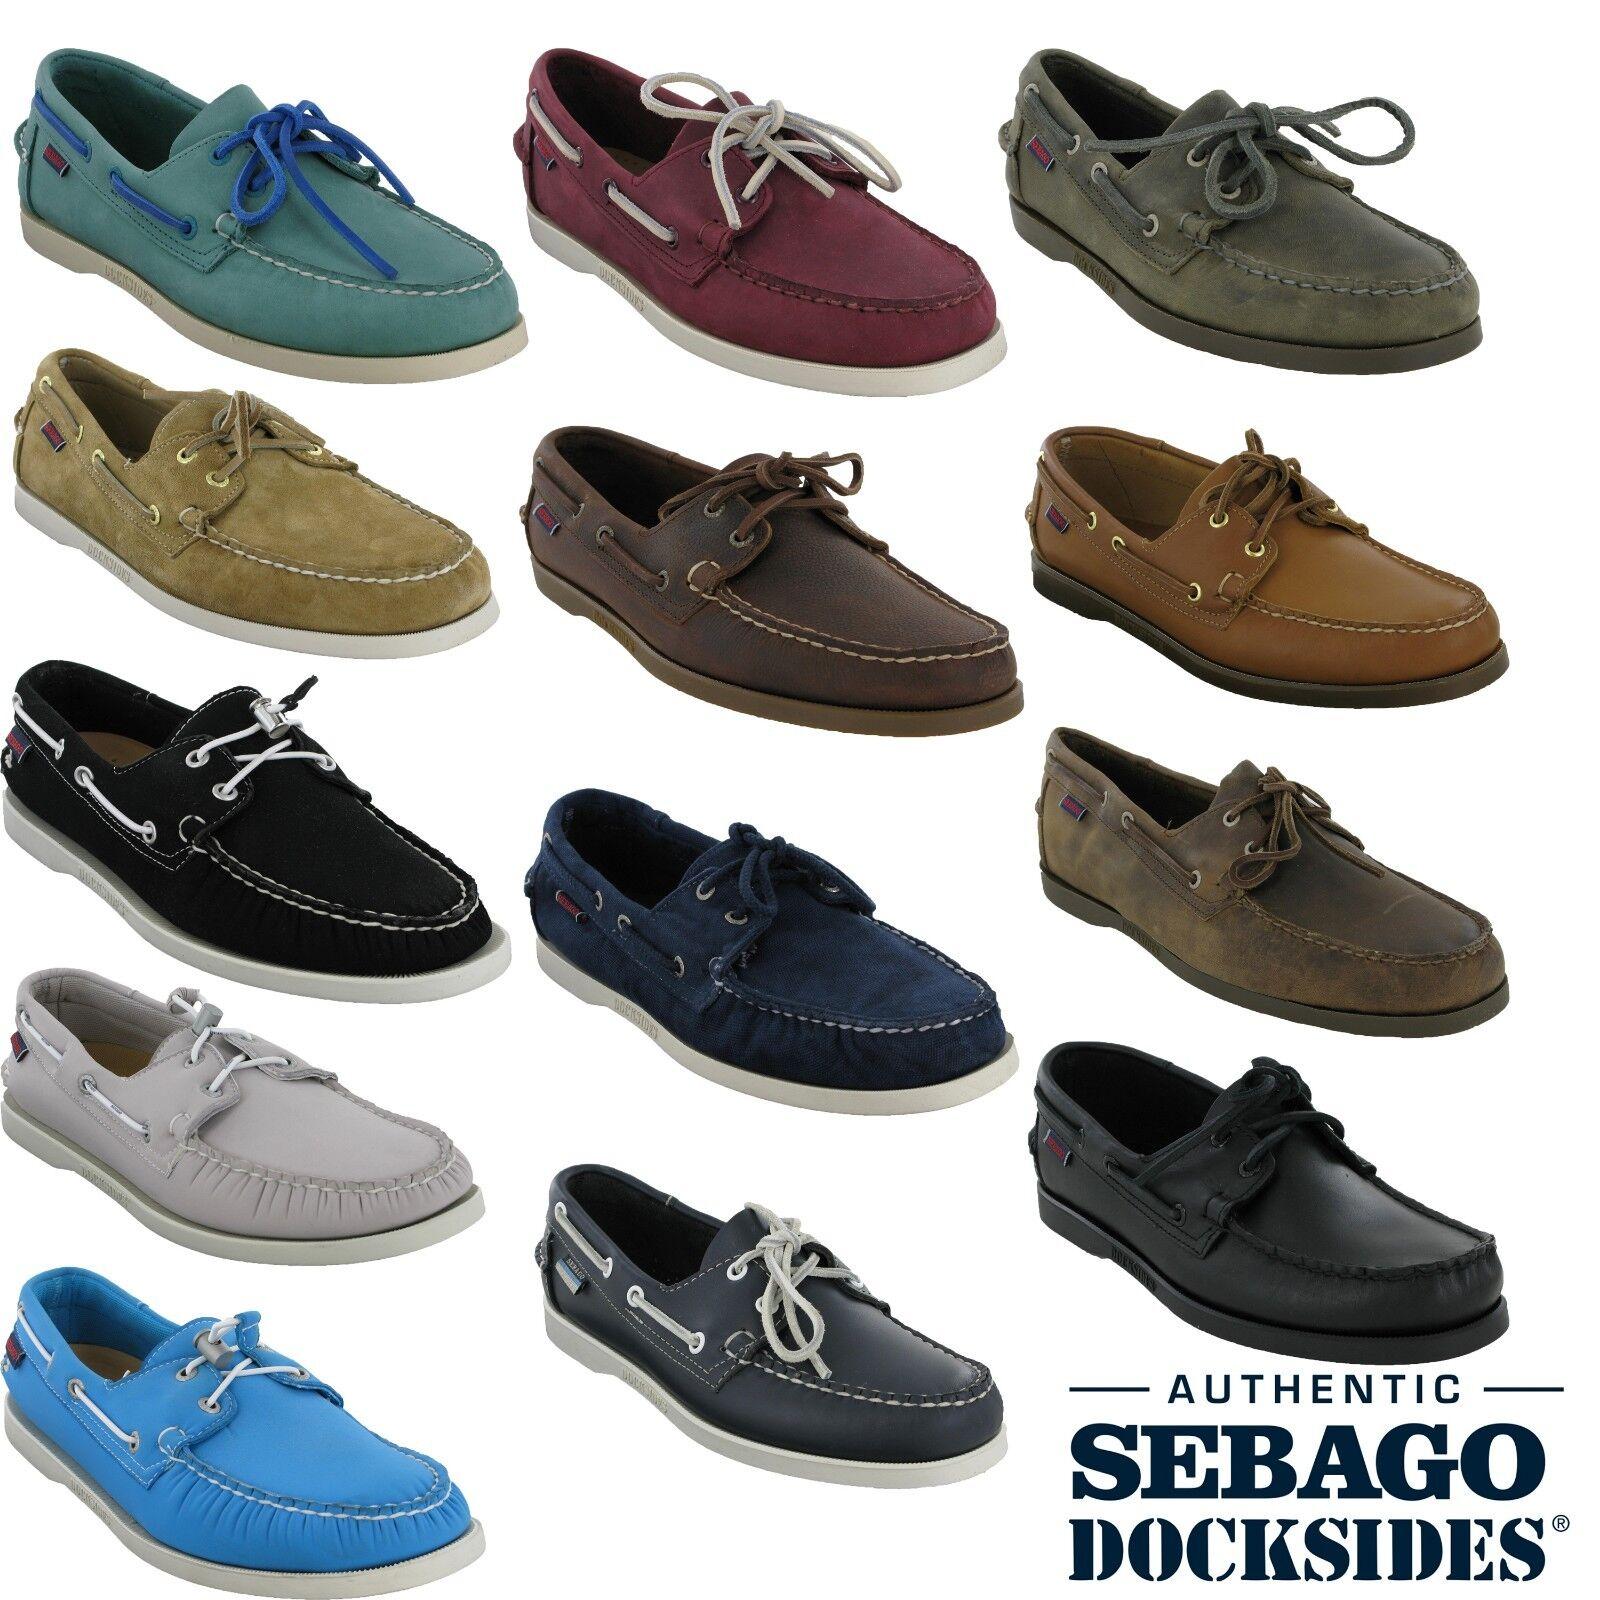 Sebago Docksides Nubuck para Hombre de Cuero Inteligente Informal Mocasín Zapatos Encaje ariaprene